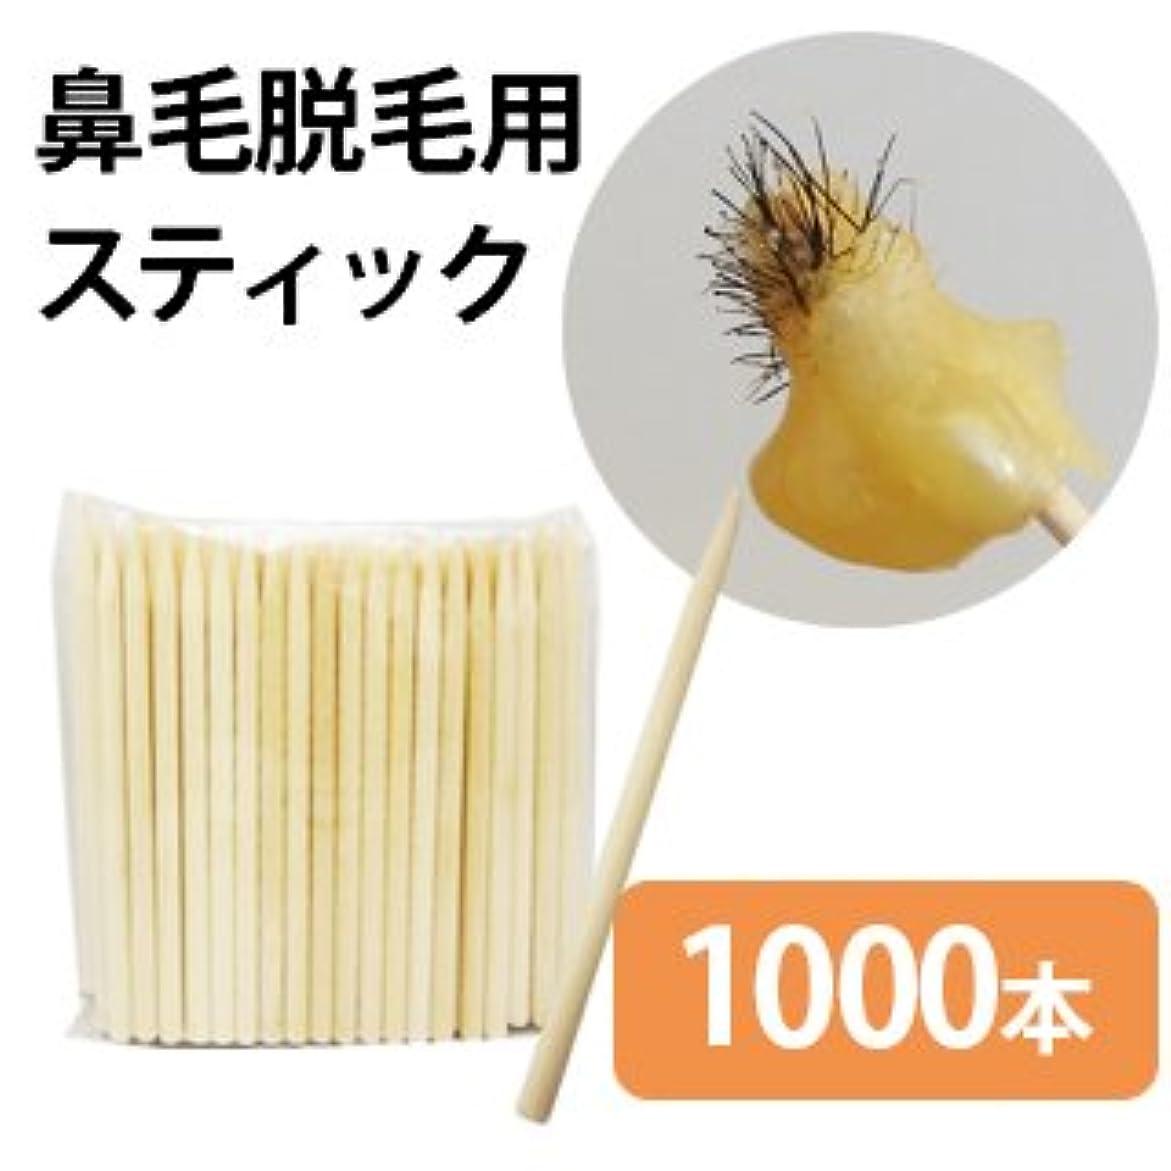 分岐するタンザニアセンチメートル鼻毛 脱毛 用 ウッドスティック 1000本 ワックス 脱毛